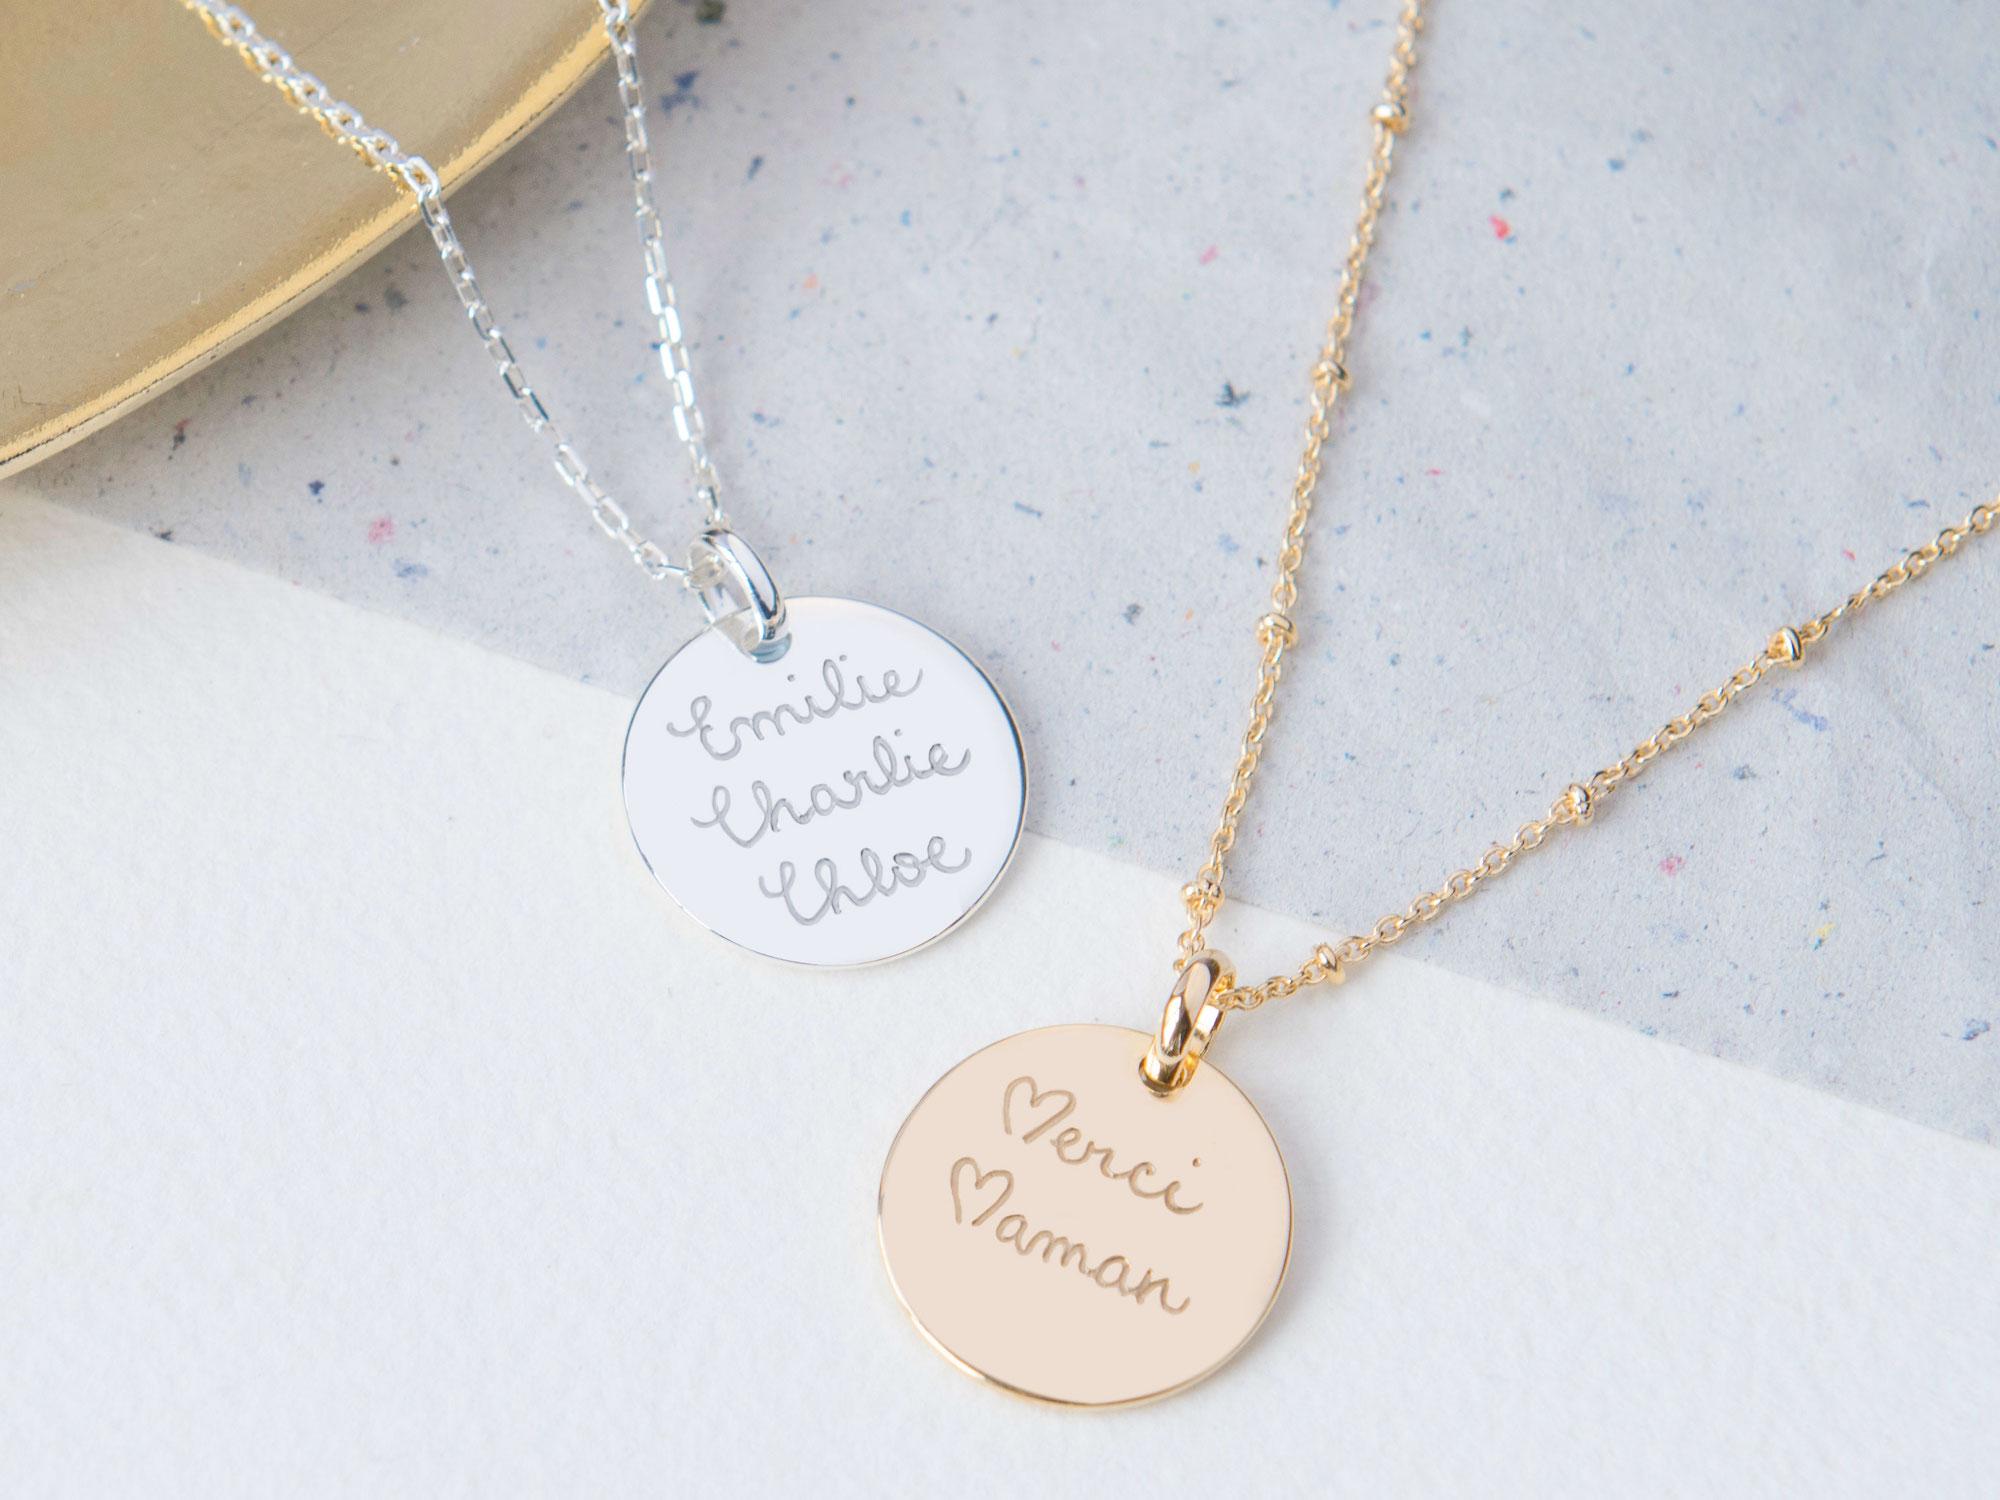 Connu Idée cadeau : les bijoux Merci Maman, l'attention qui tombe à pic  RY97